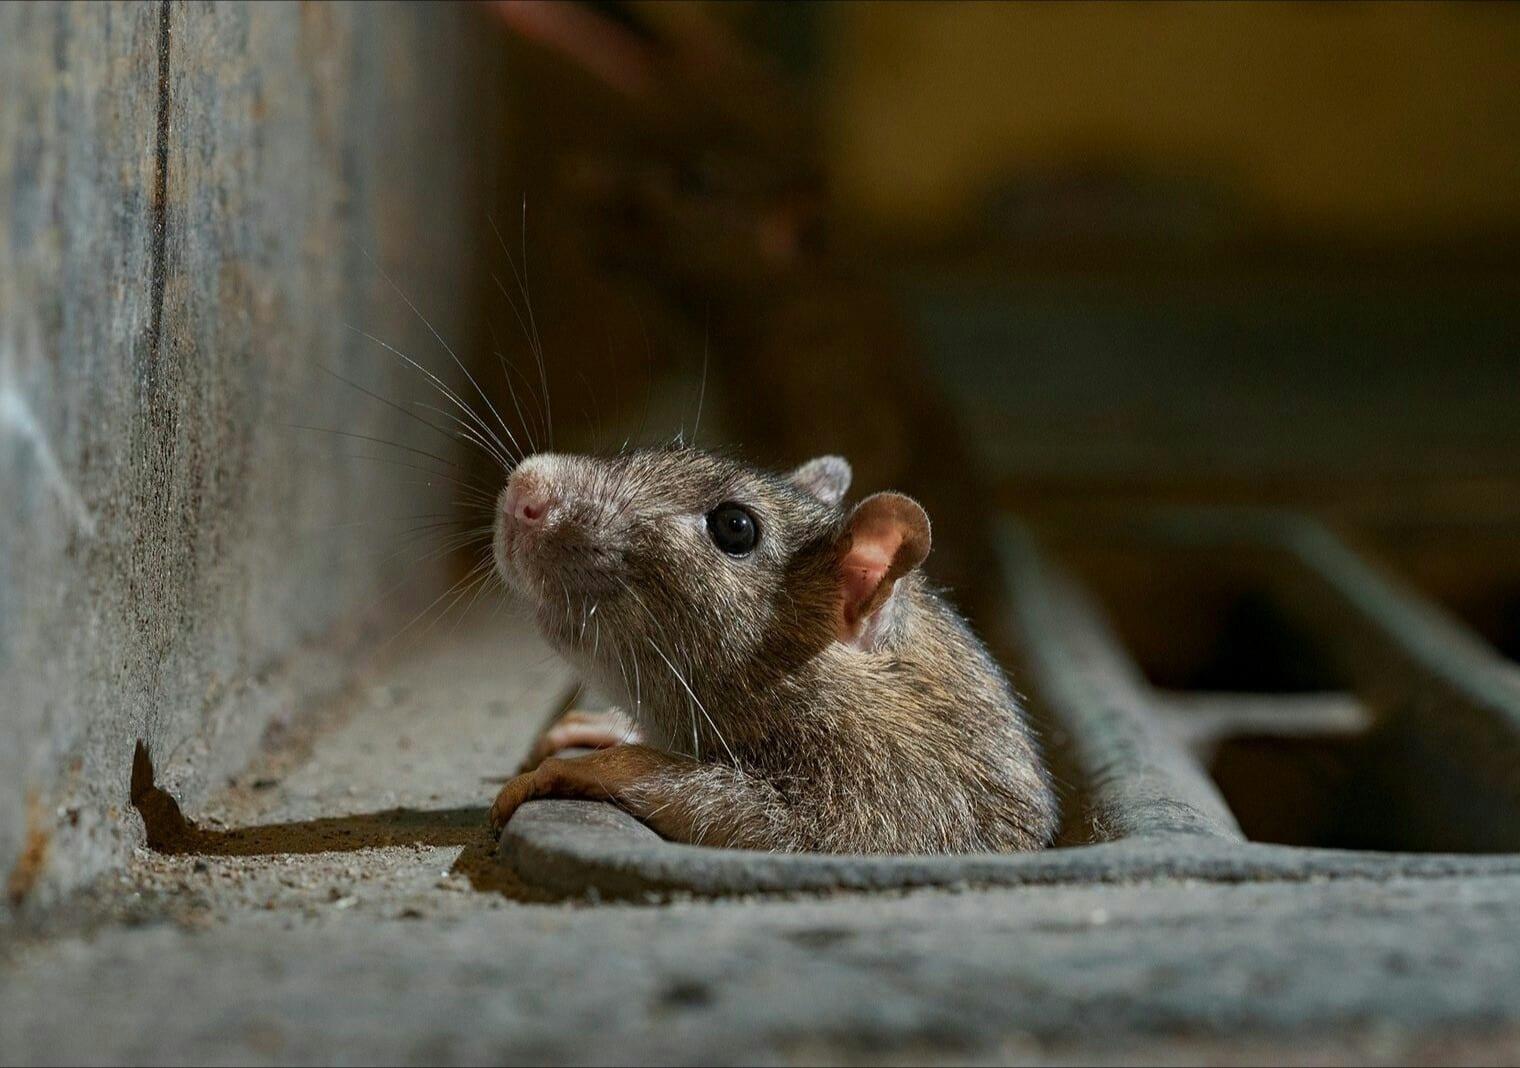 Un incroyable rat  trouvé dans les égouts de Mexico (Photo)